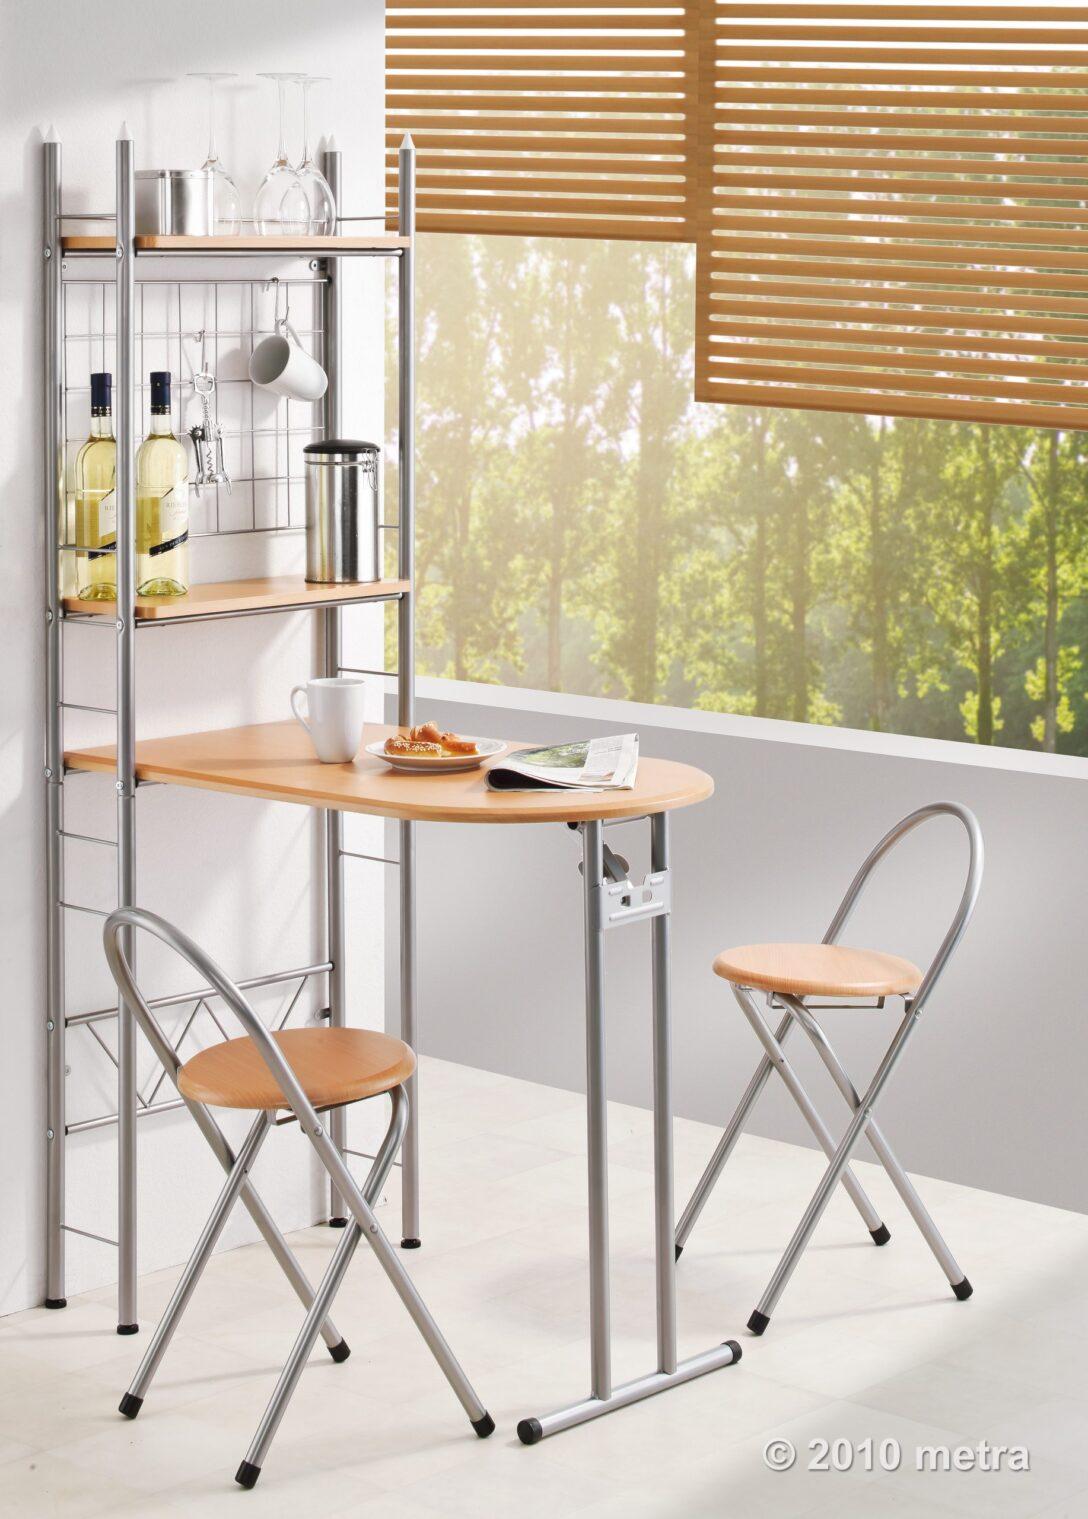 Large Size of Küchen Raffrollo Regale Kche Kchentisch Mit Regal Und 2 Sthlen Industrie Küche Wohnzimmer Küchen Raffrollo